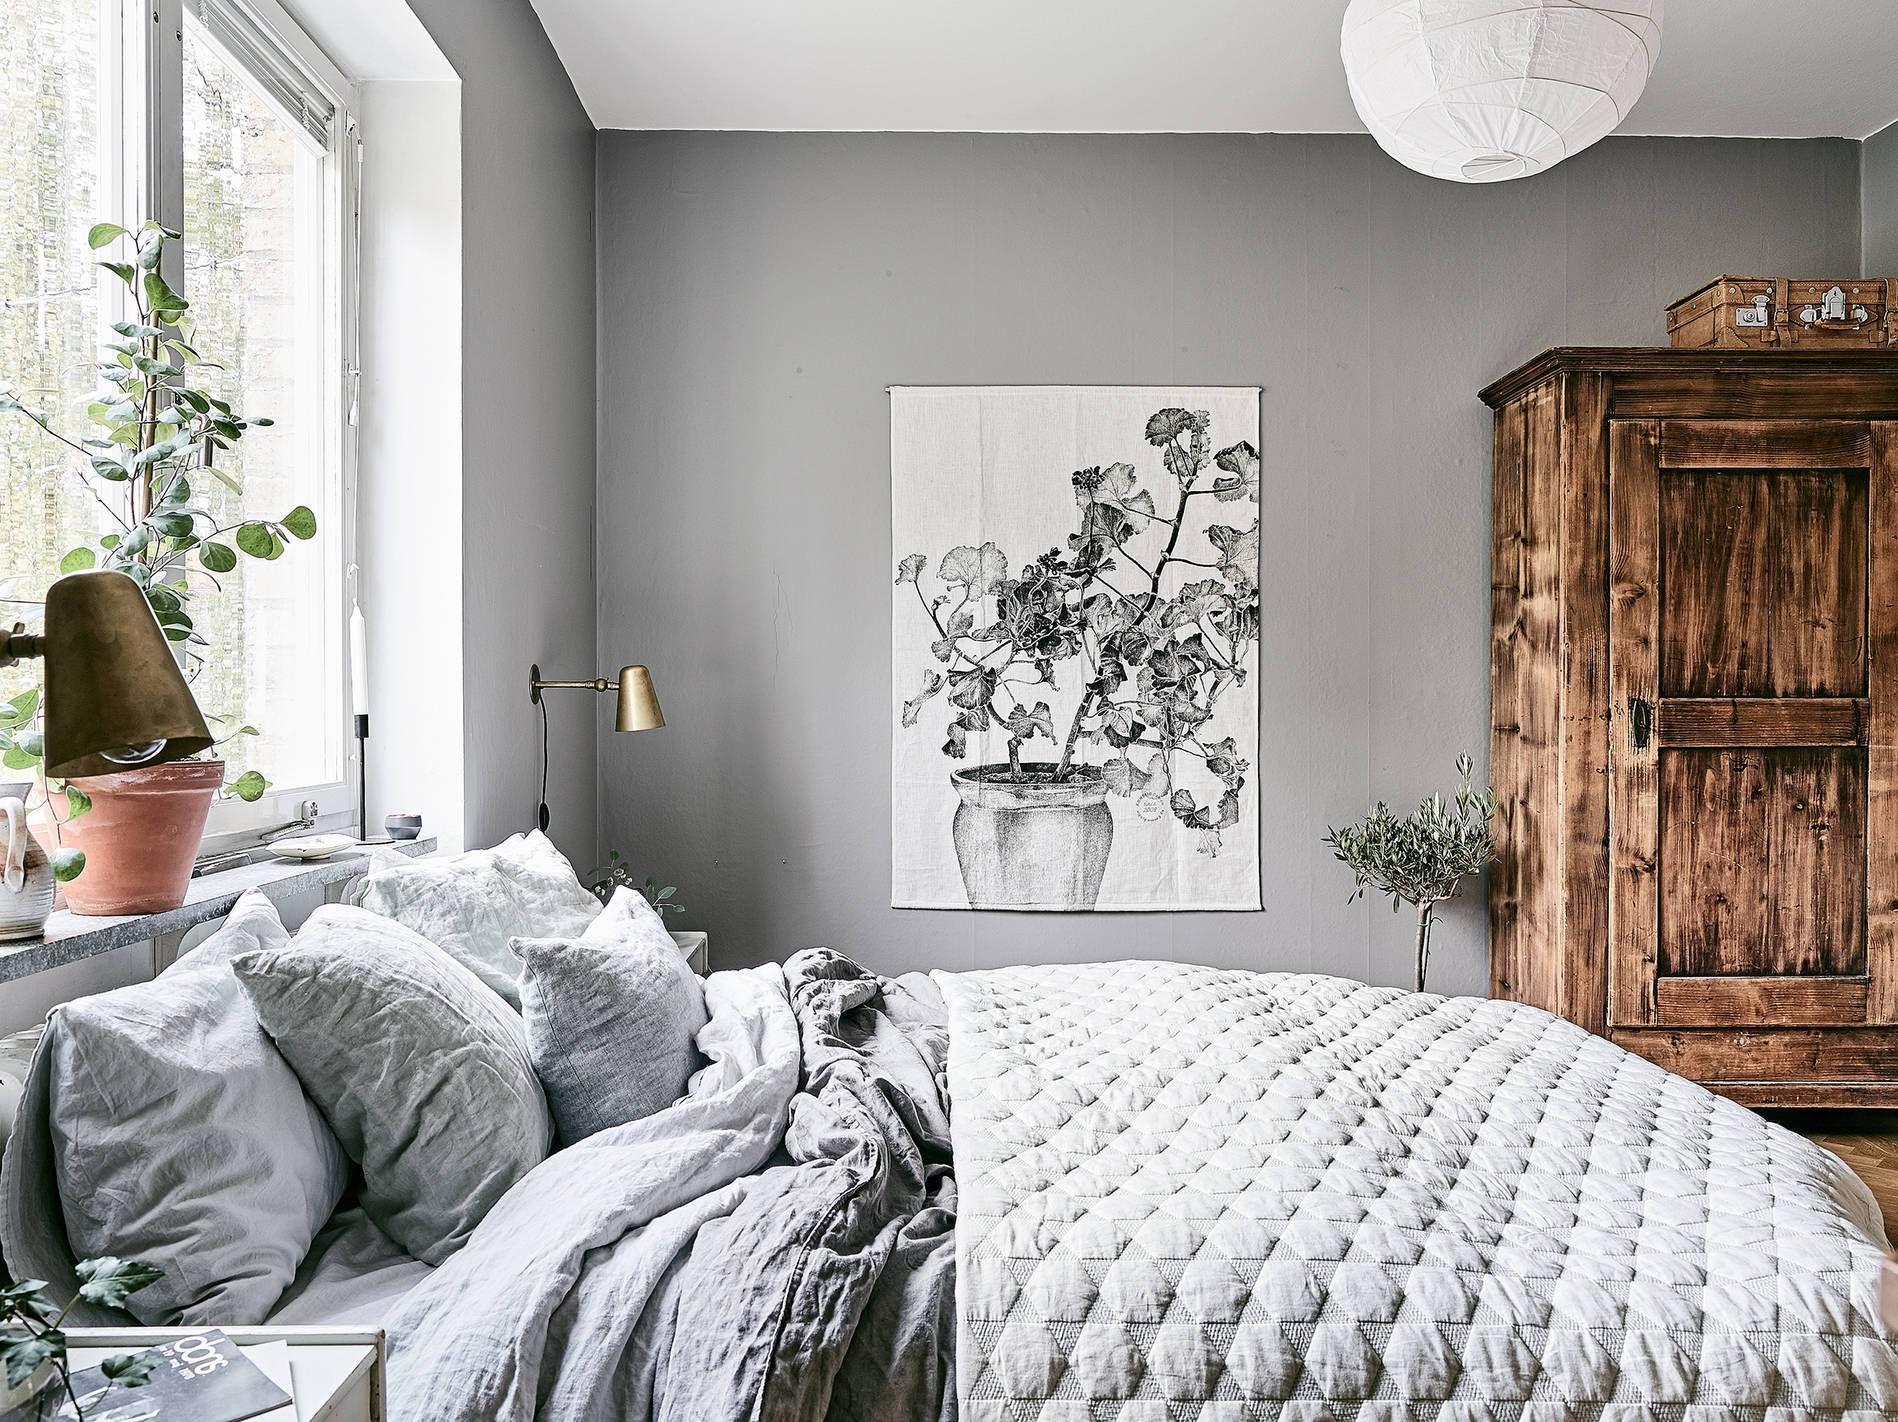 Cozy bedroom in grey - via Coco Lapine Design